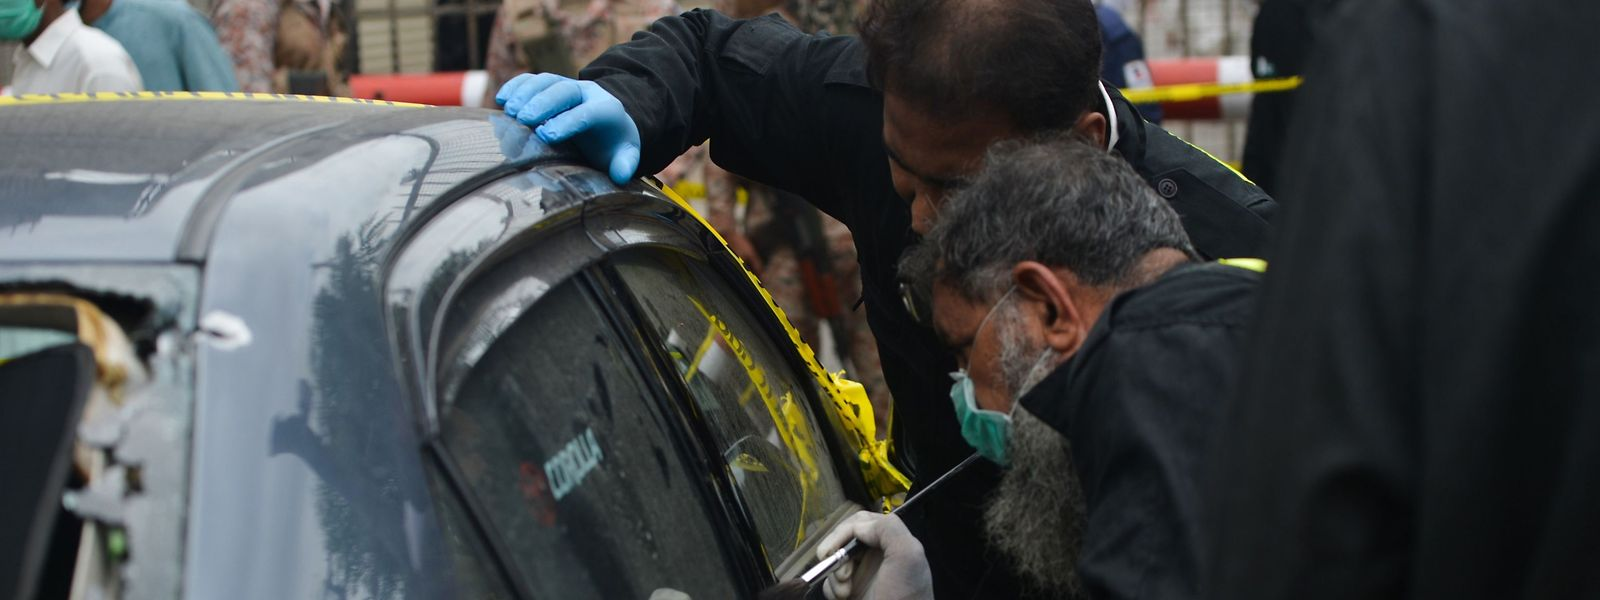 Ermittler untersuchen das Fahrzeug eines Schützen.